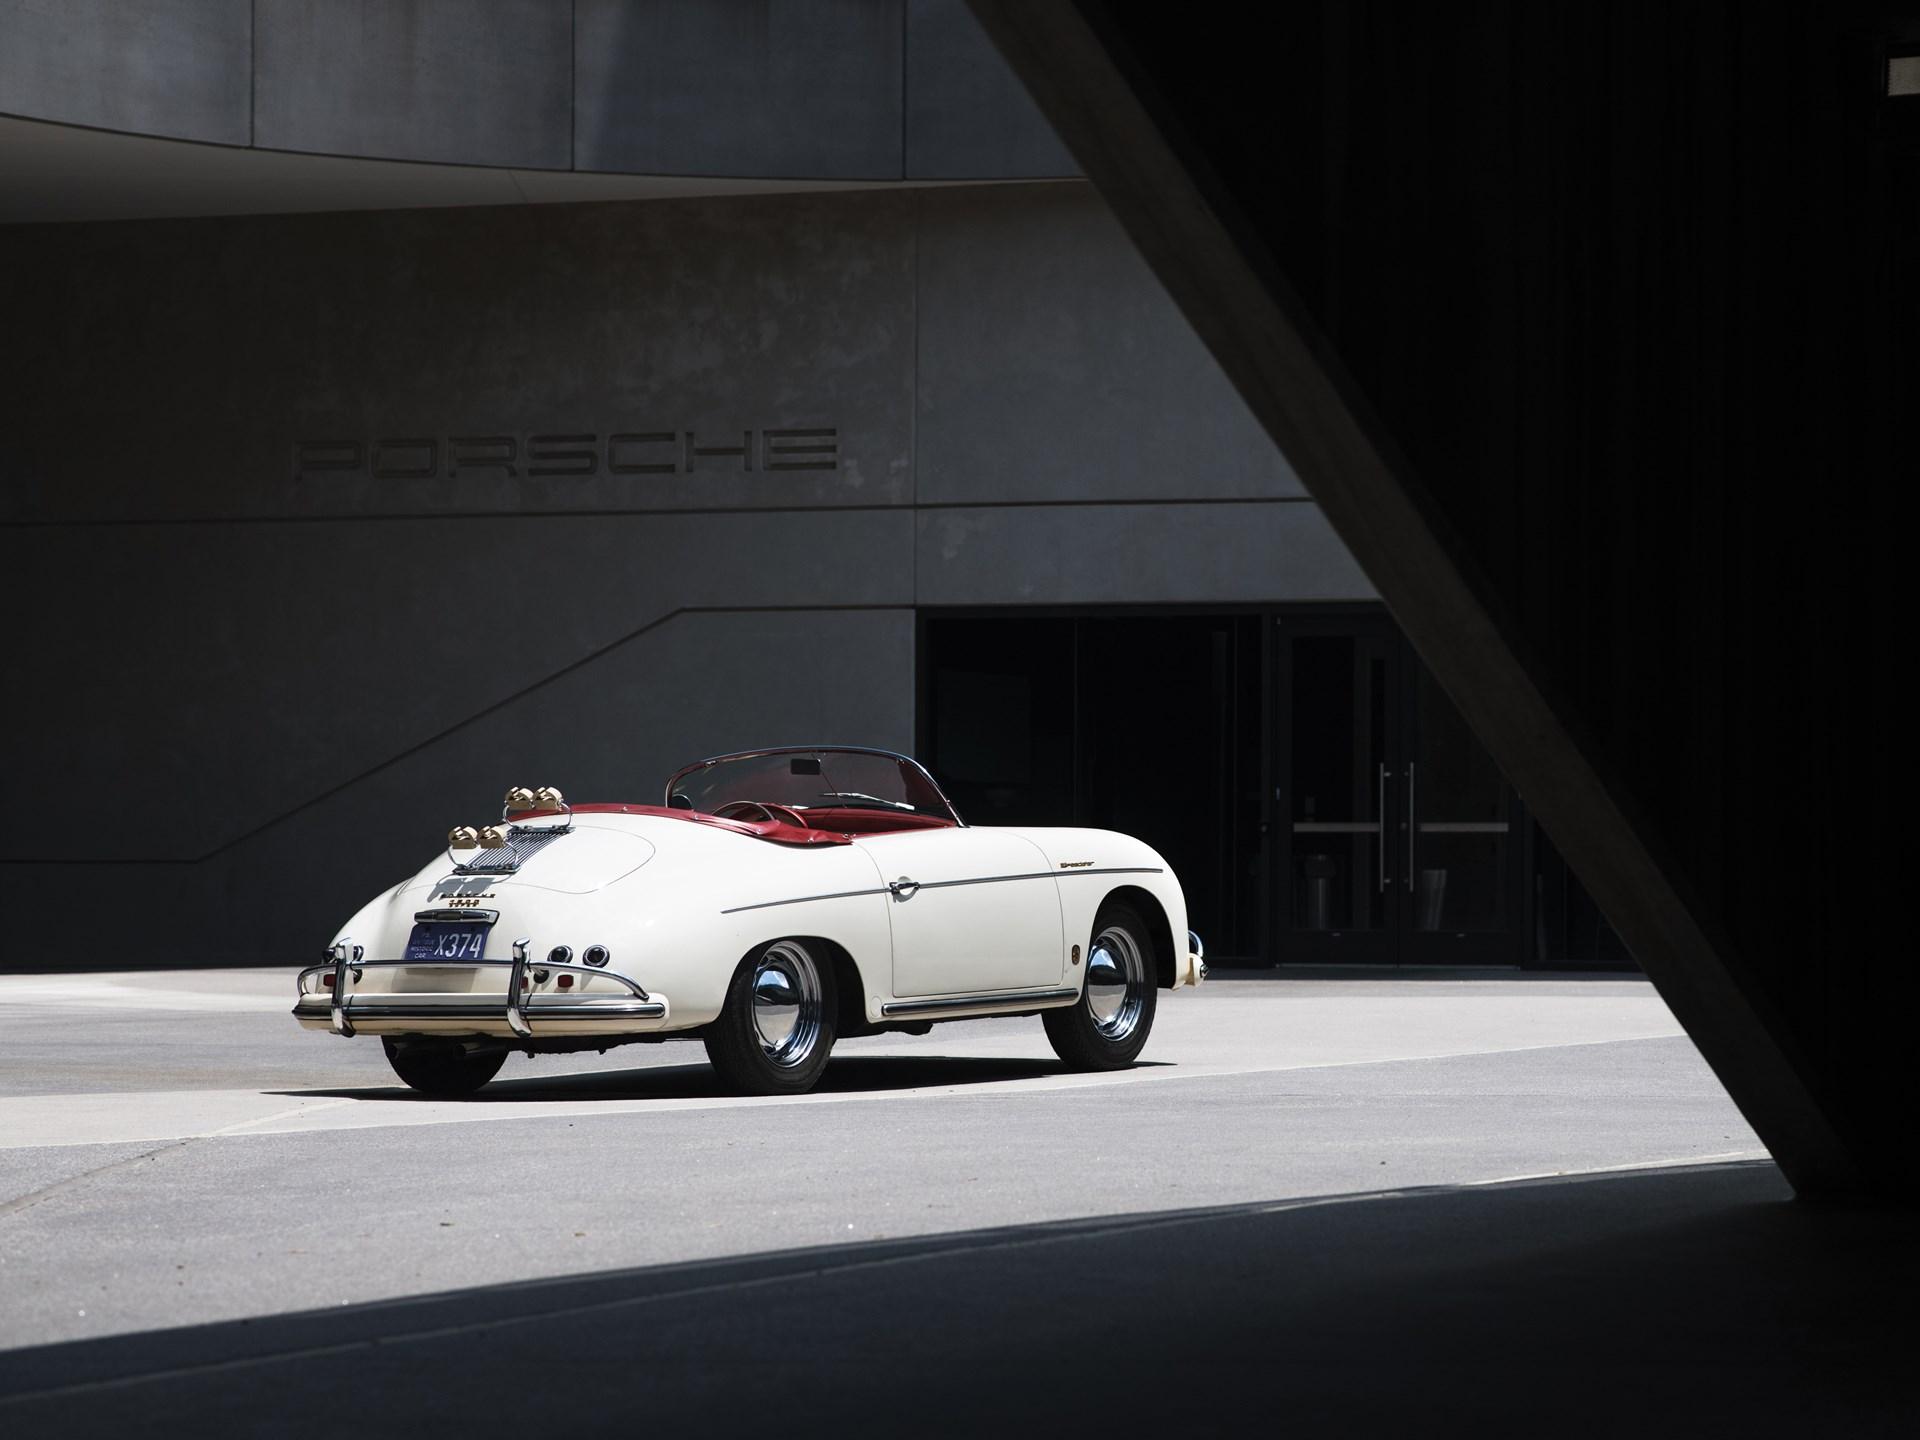 1956 Porsche 356 A 1600 'Super' Speedster by Reutter